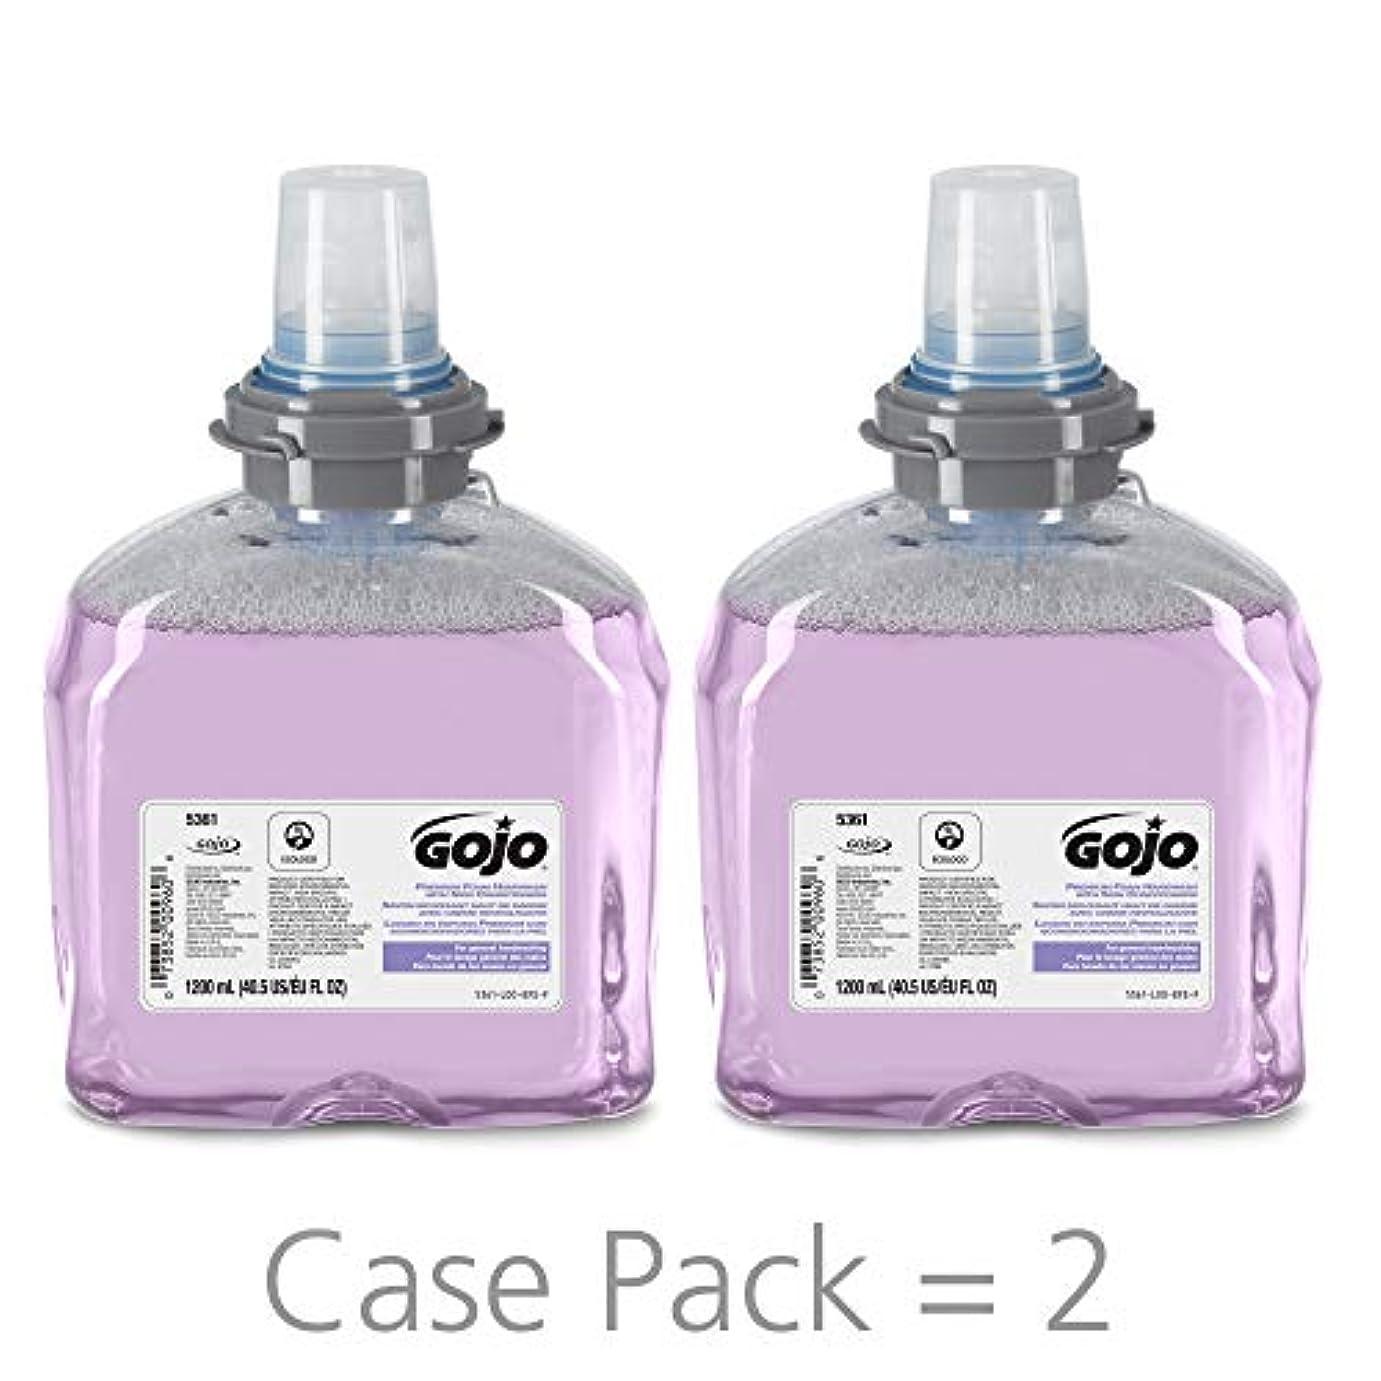 指定する然としたインスタンスTFX Luxury Foam Hand Wash, Cranberry, Dispenser, 1200ml (並行輸入品)